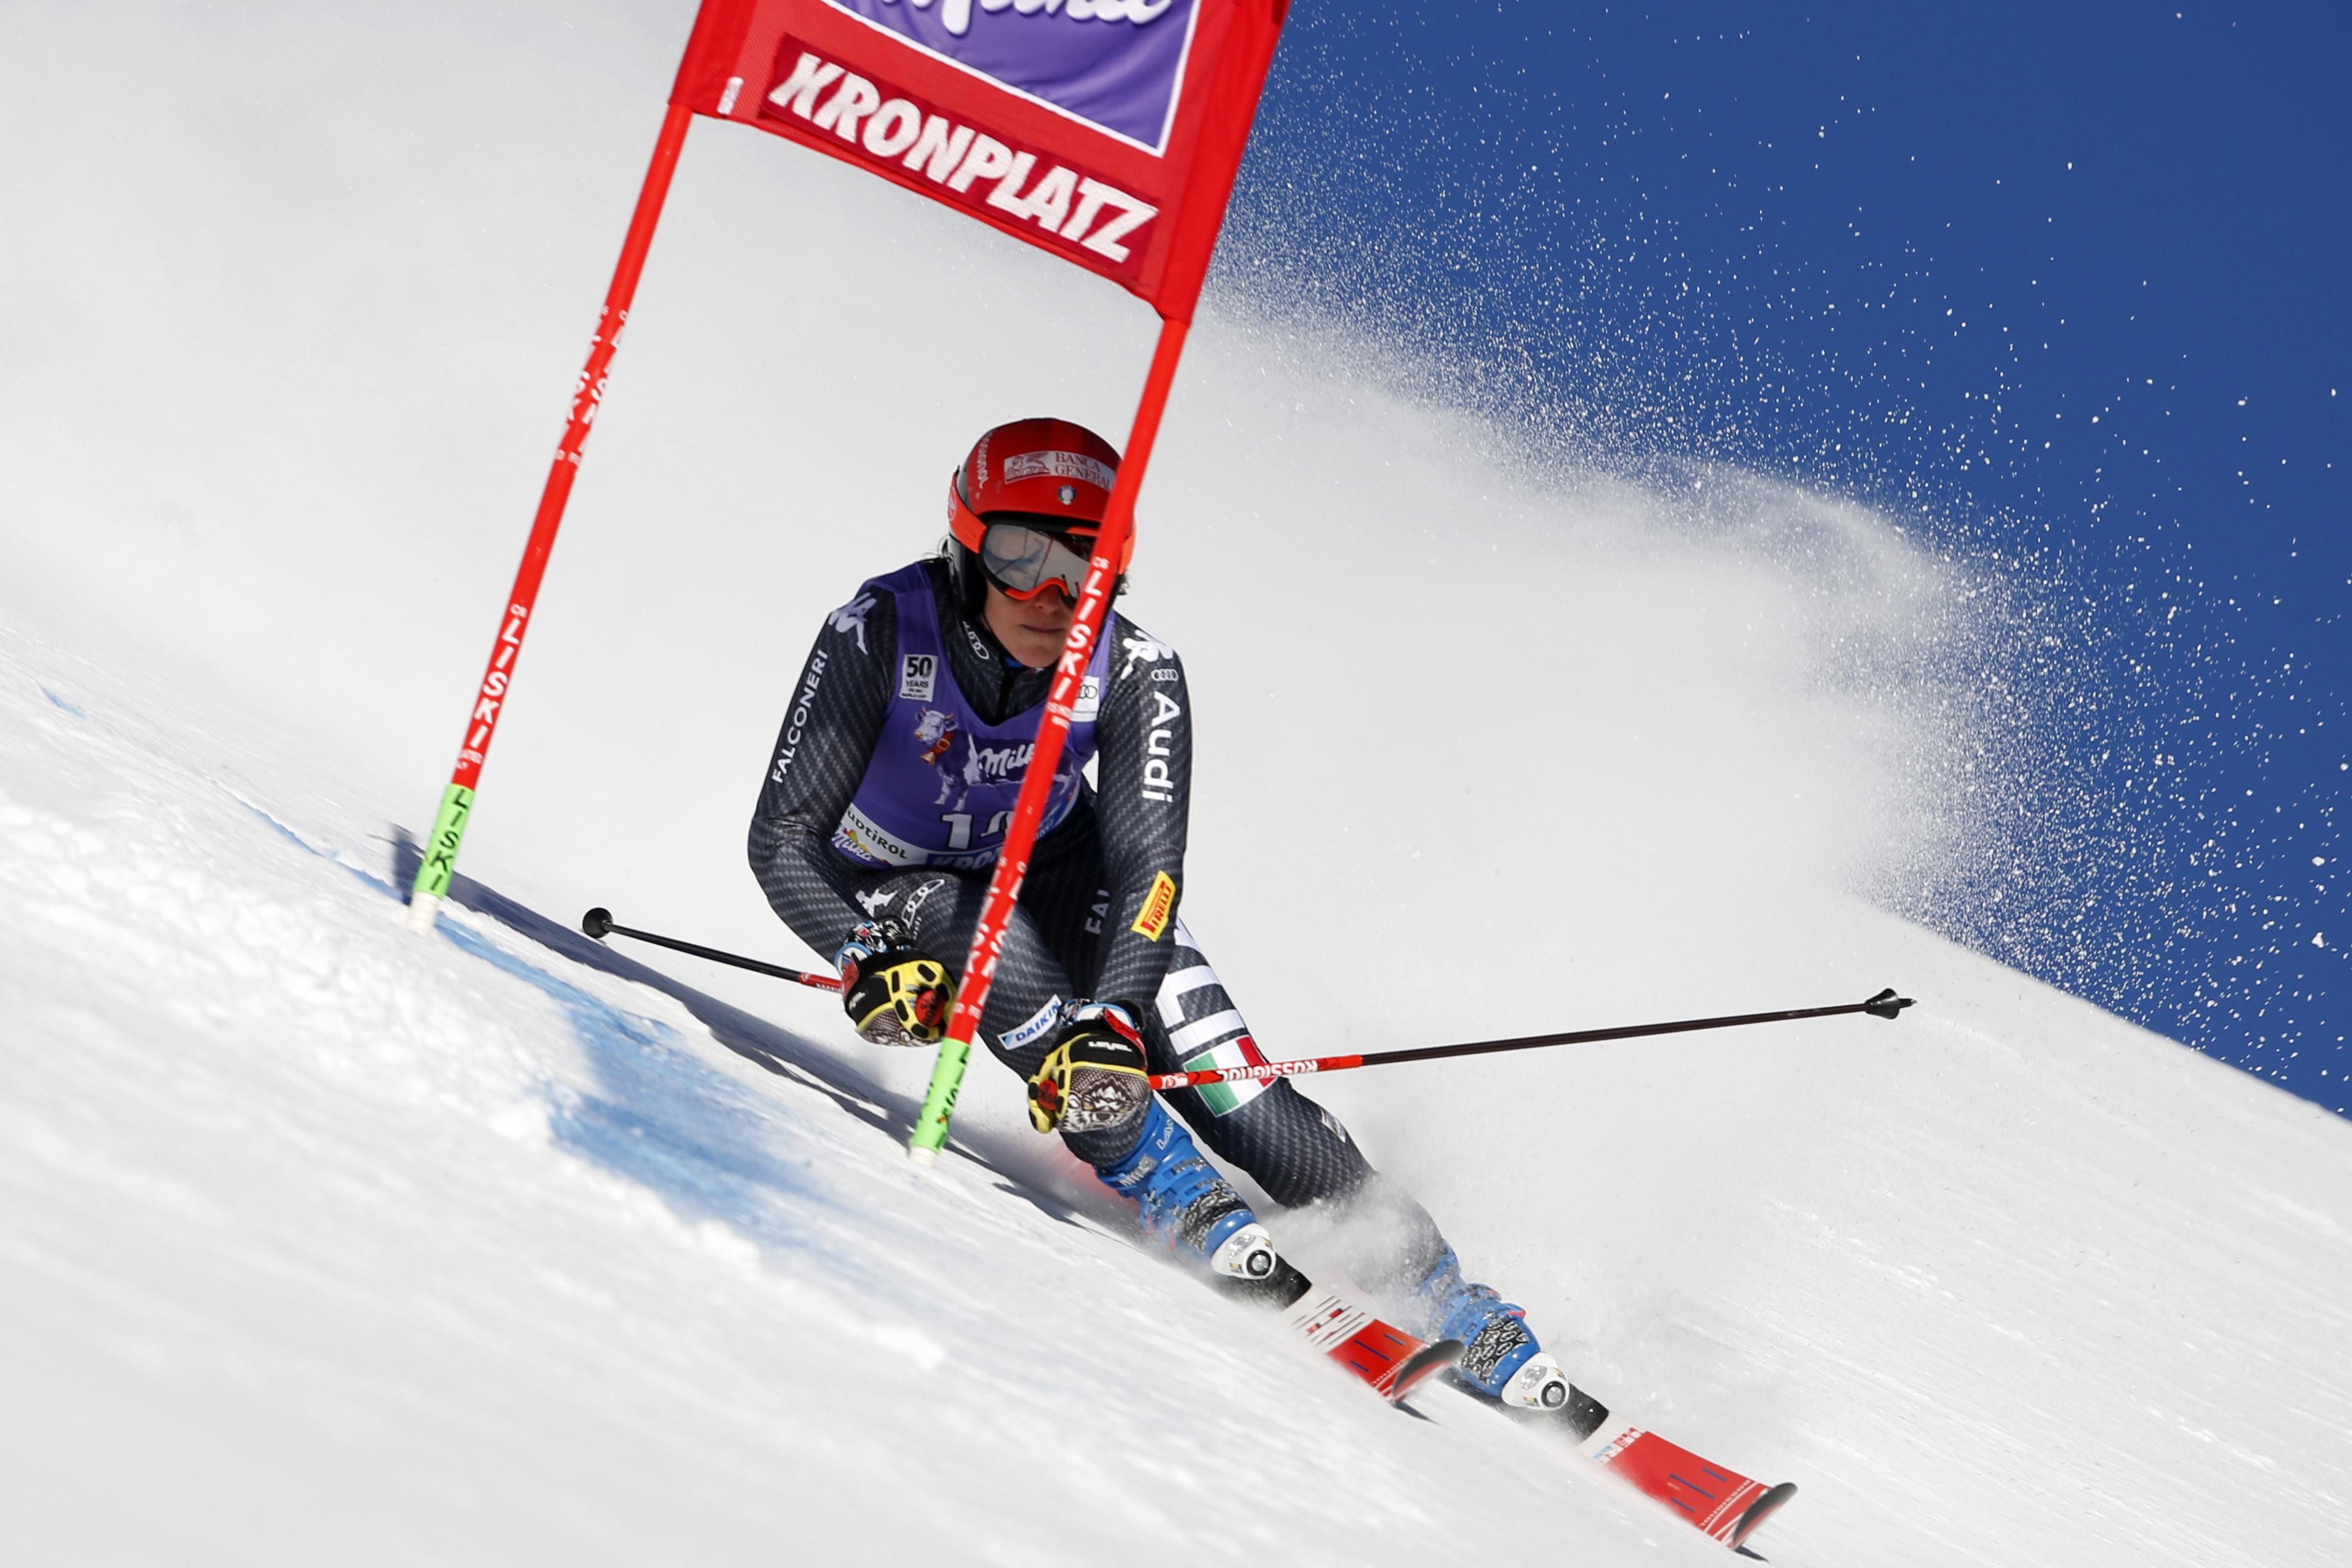 Mondiali sci, prima medaglia per l'Italia: Goggia bronzo nel gigante